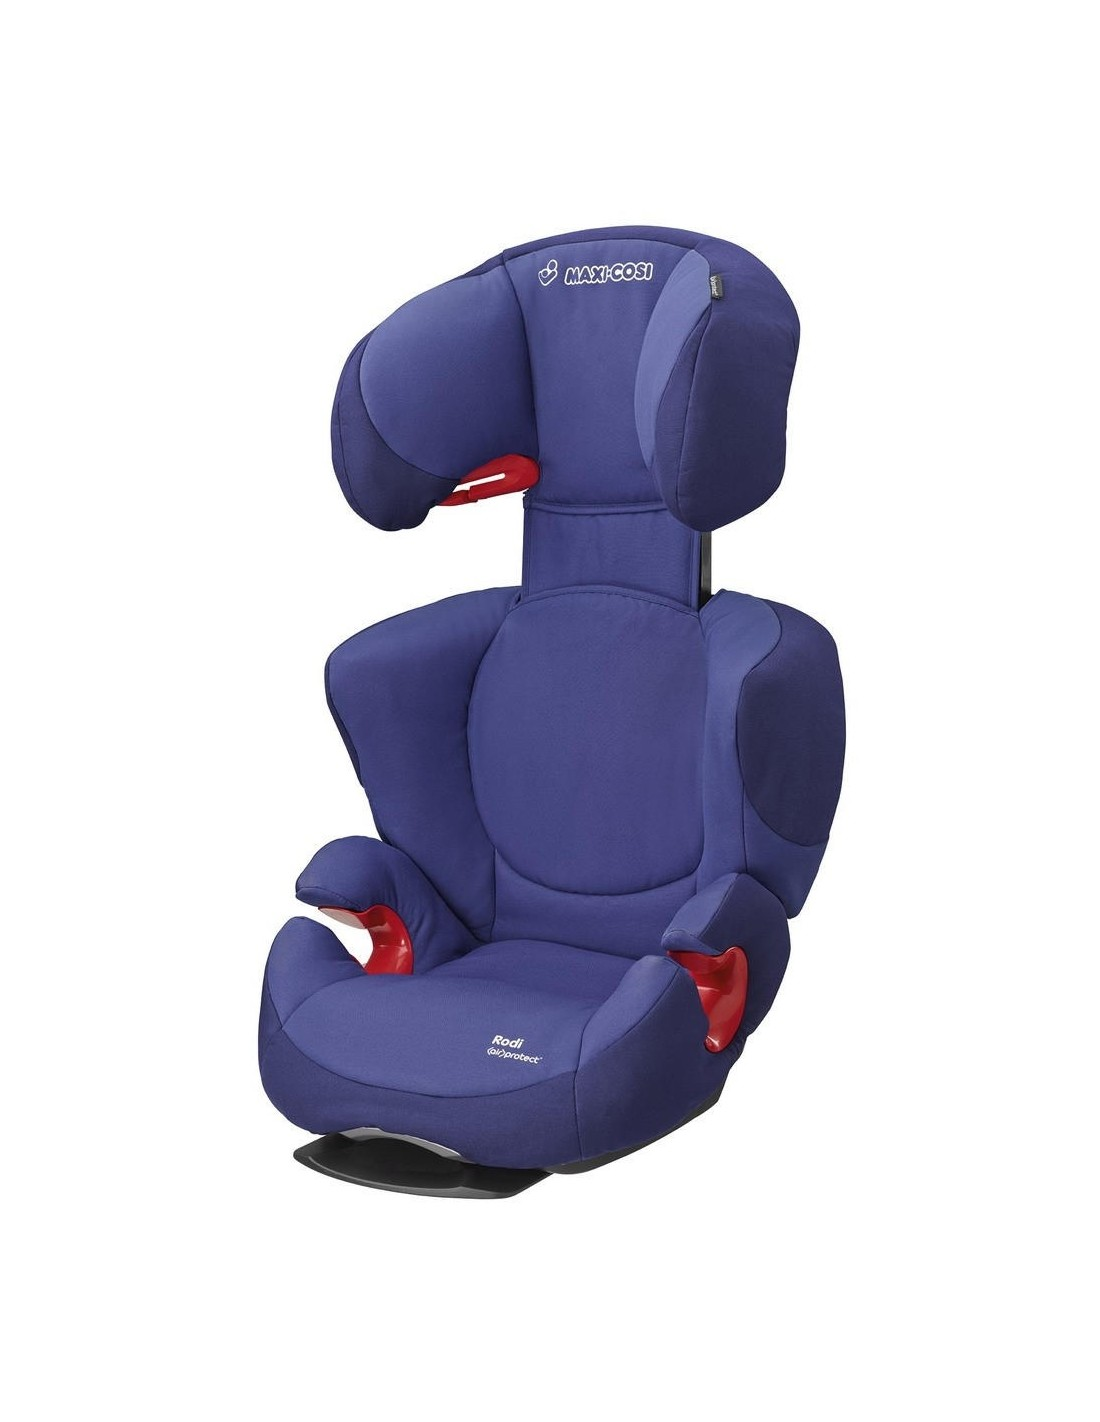 maxi cosi rodi ap bezpieczny fotelik samochdowy dla dzieci o wadze od 15 do 36kg. Black Bedroom Furniture Sets. Home Design Ideas